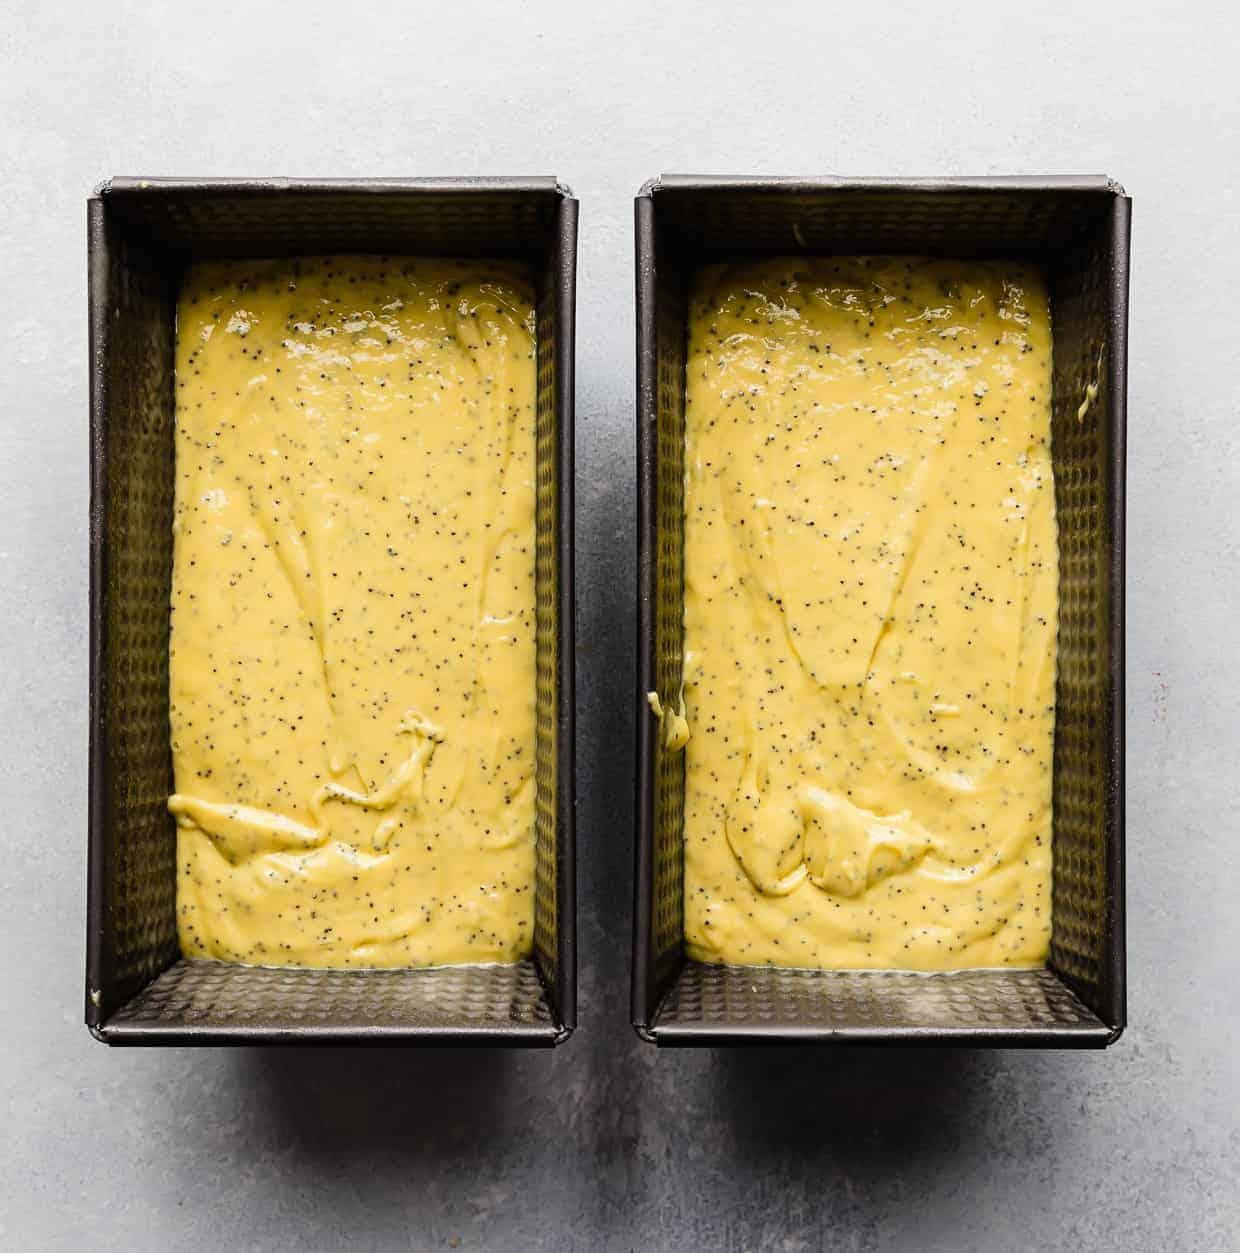 Two loaf pans full of lemon poppy seed bread batter.